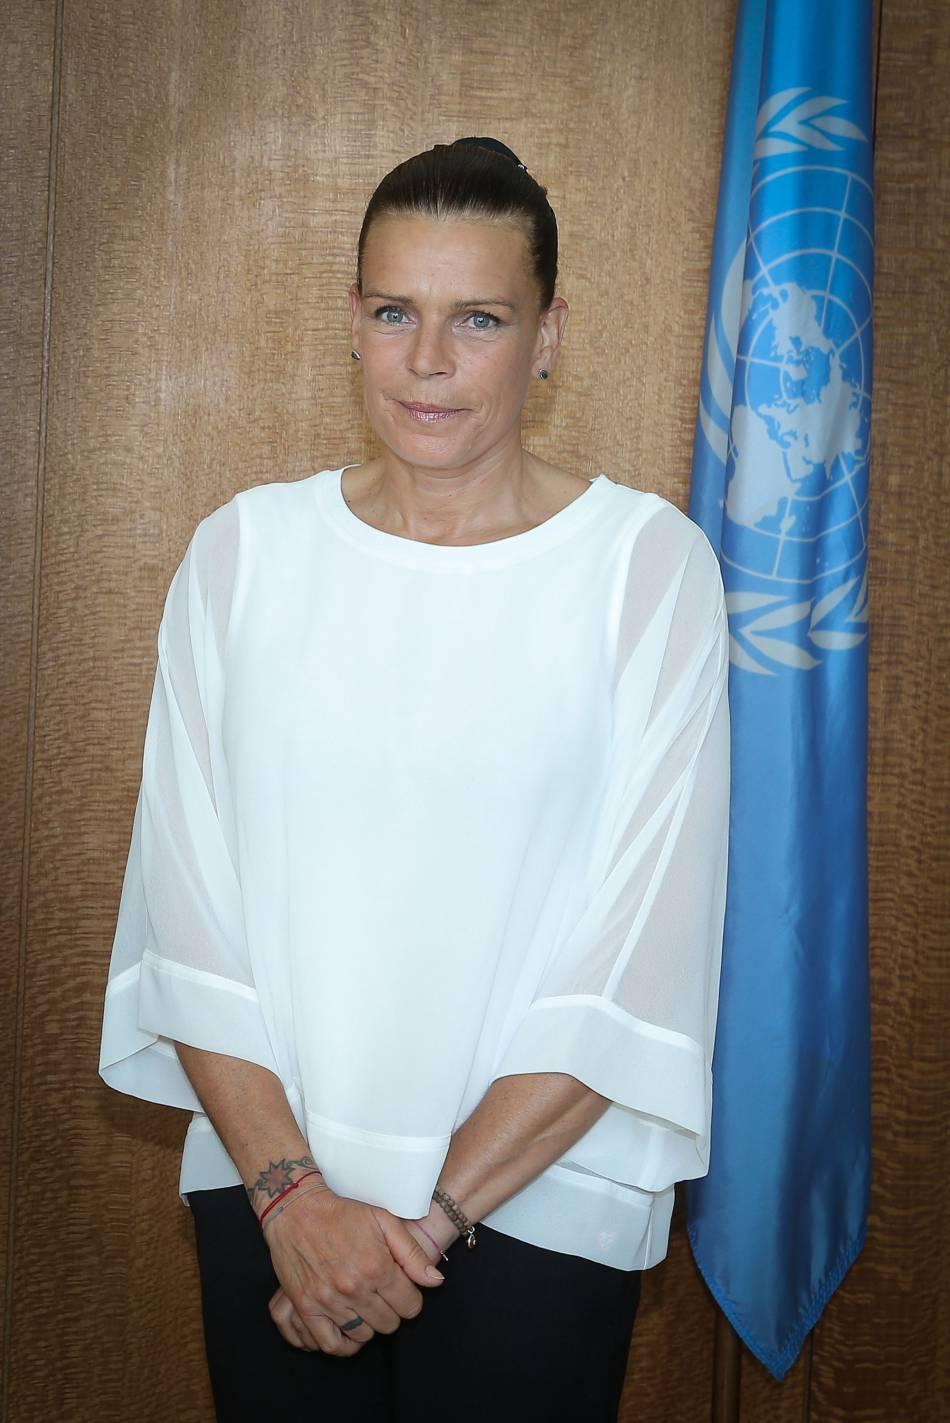 La princesse Stéphanie de Monaco était à l'ONU ce 8 juin 2016 pour parler des stratégies à appliquer pour éradiquer le sida à l'horizon 2030.